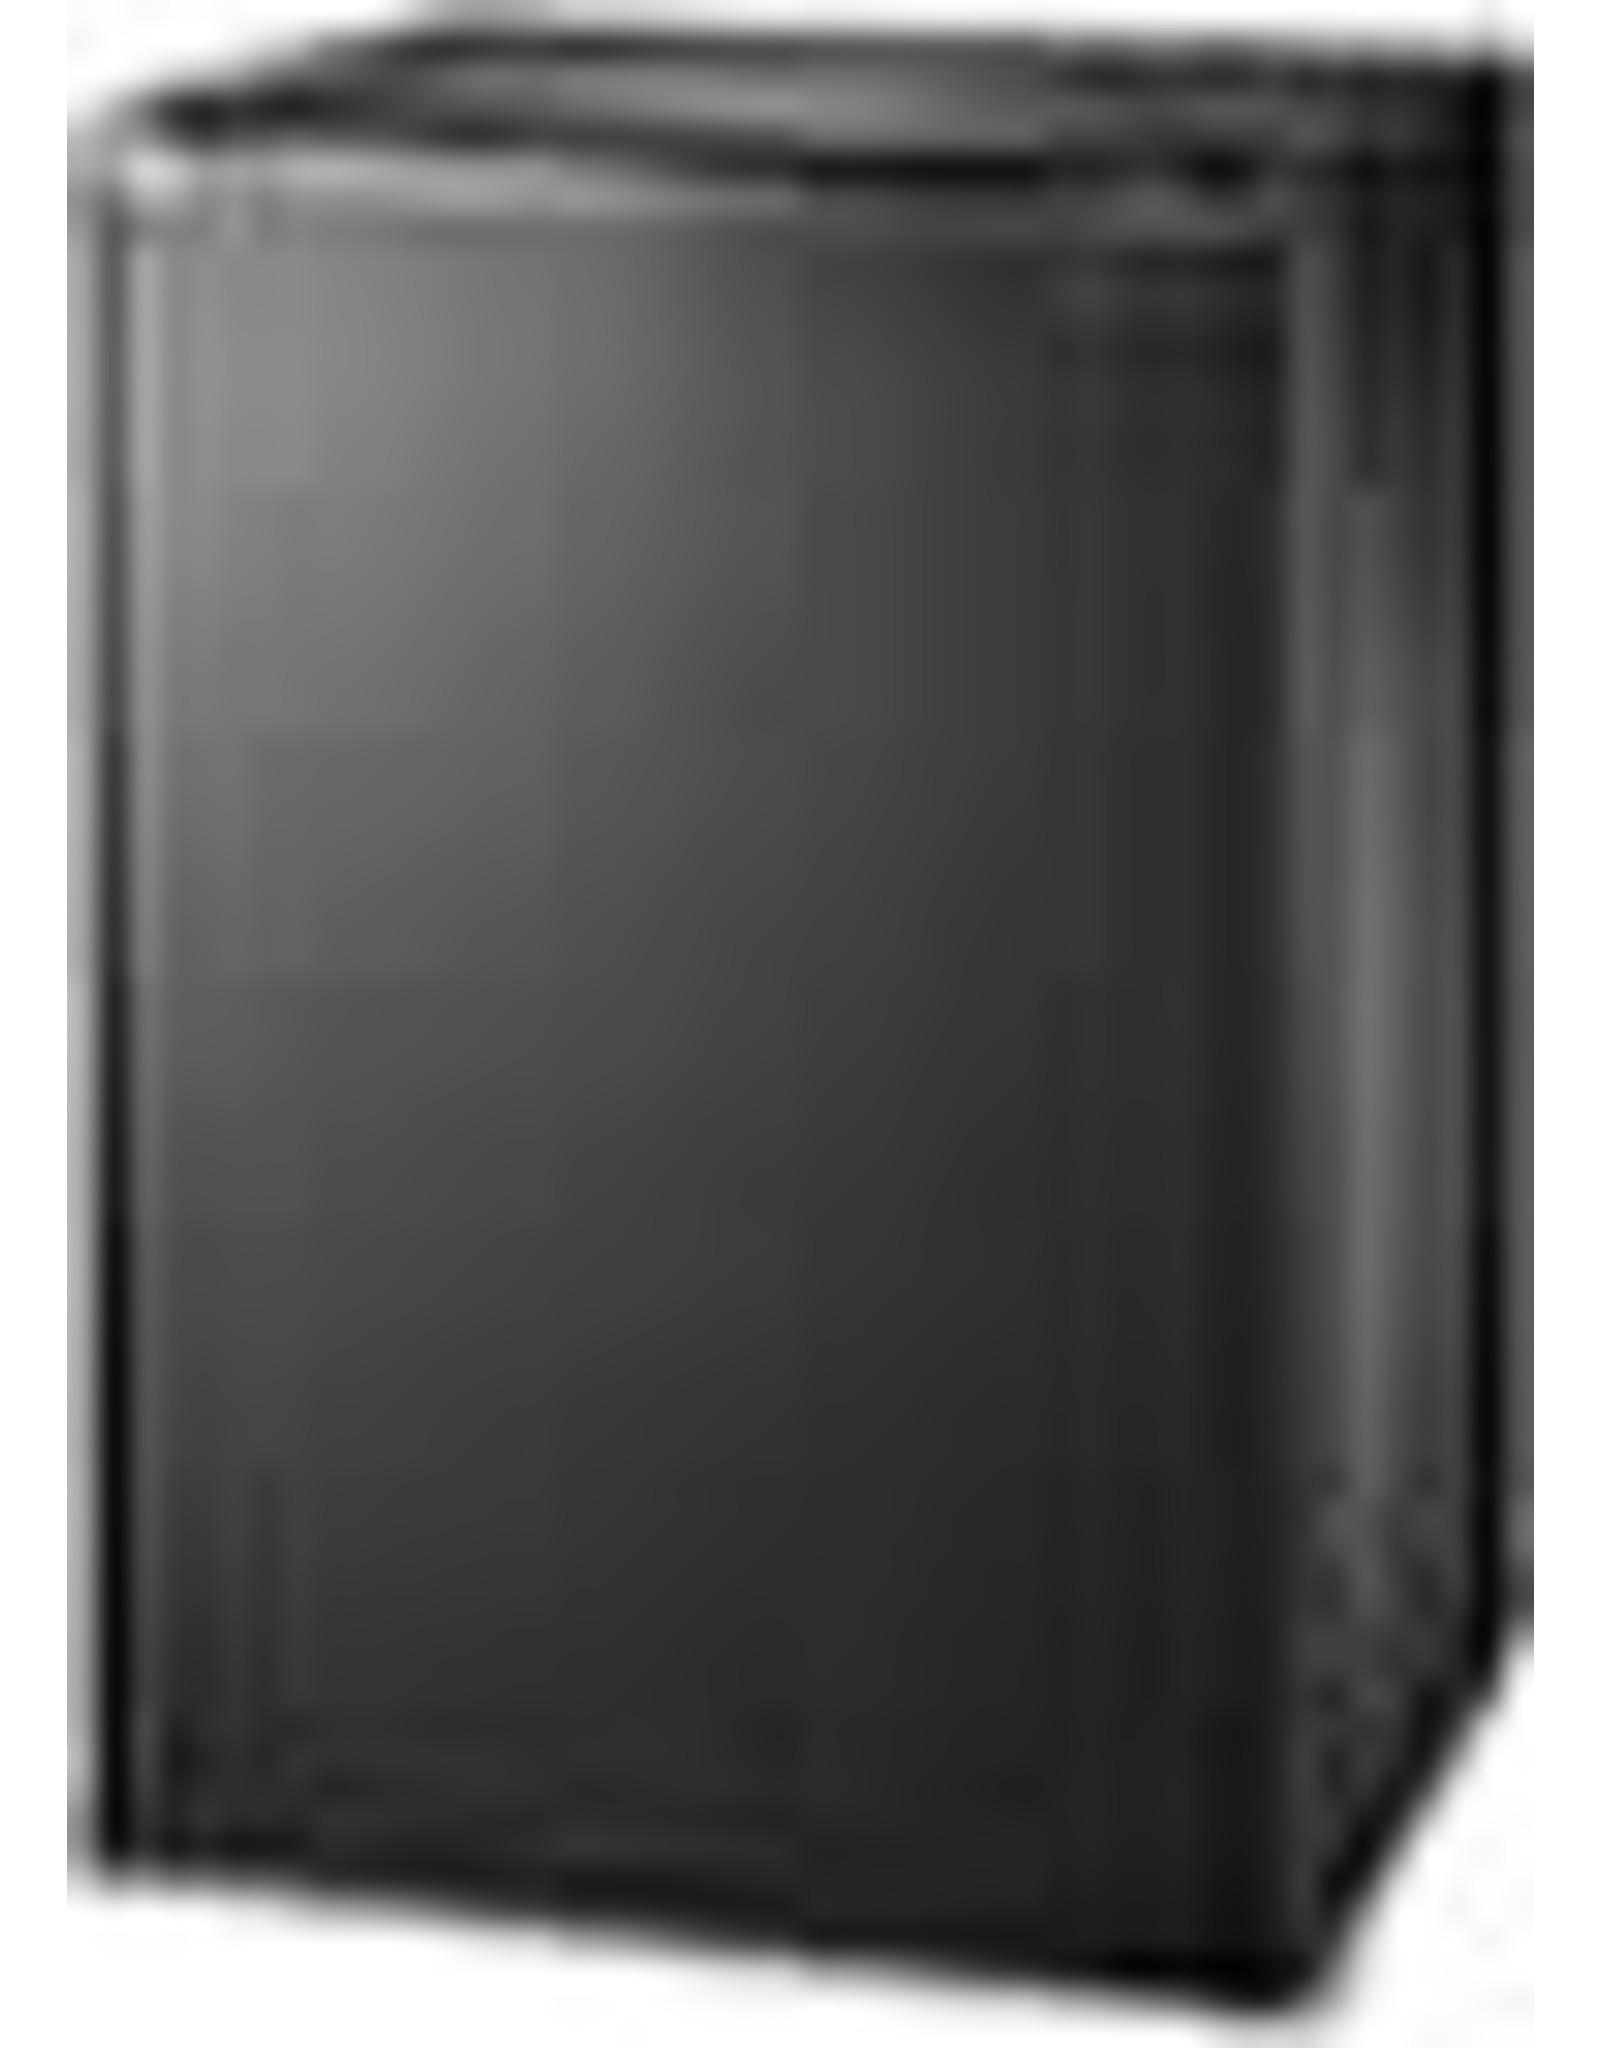 Insignia™ NS-C26BK9 Insignia™ Insignia™ - 2.6 Cu. Ft. Mini Fridge - Black